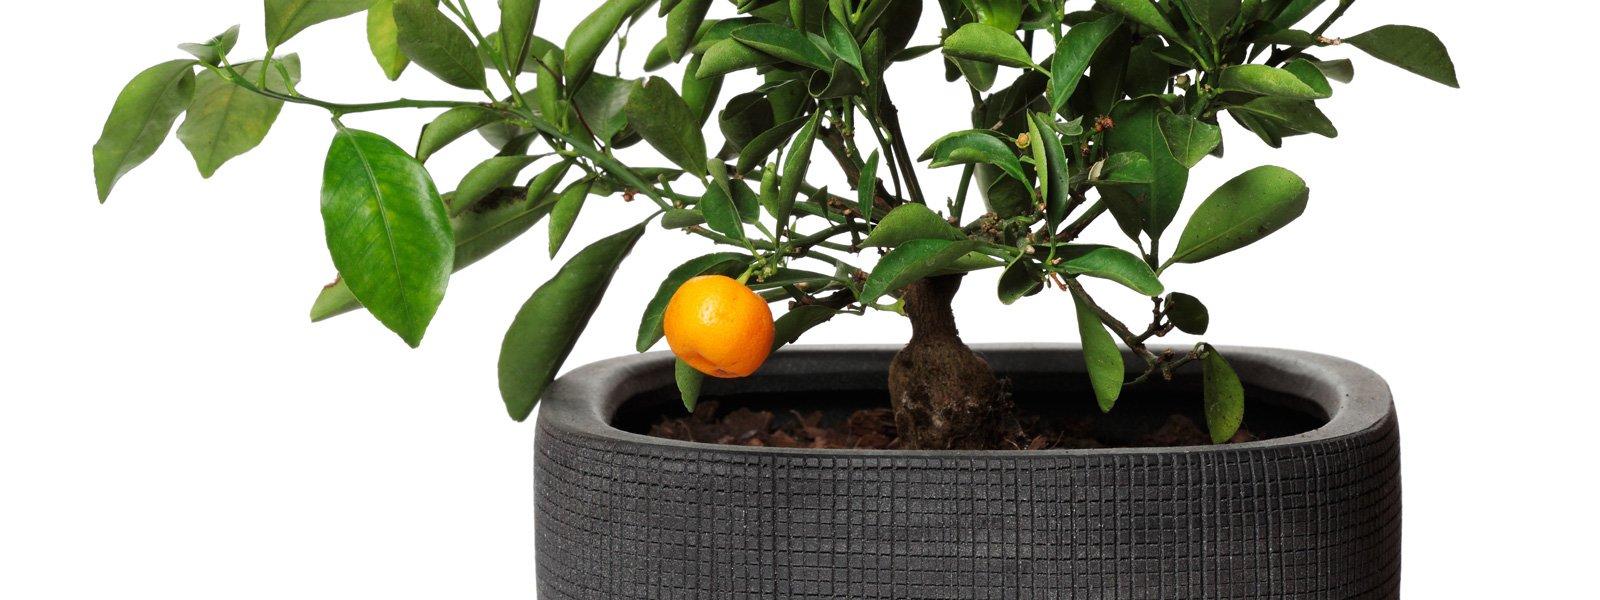 Piante Da Frutto Nane frutta in vaso? si può. come coltivare, scelta varietà